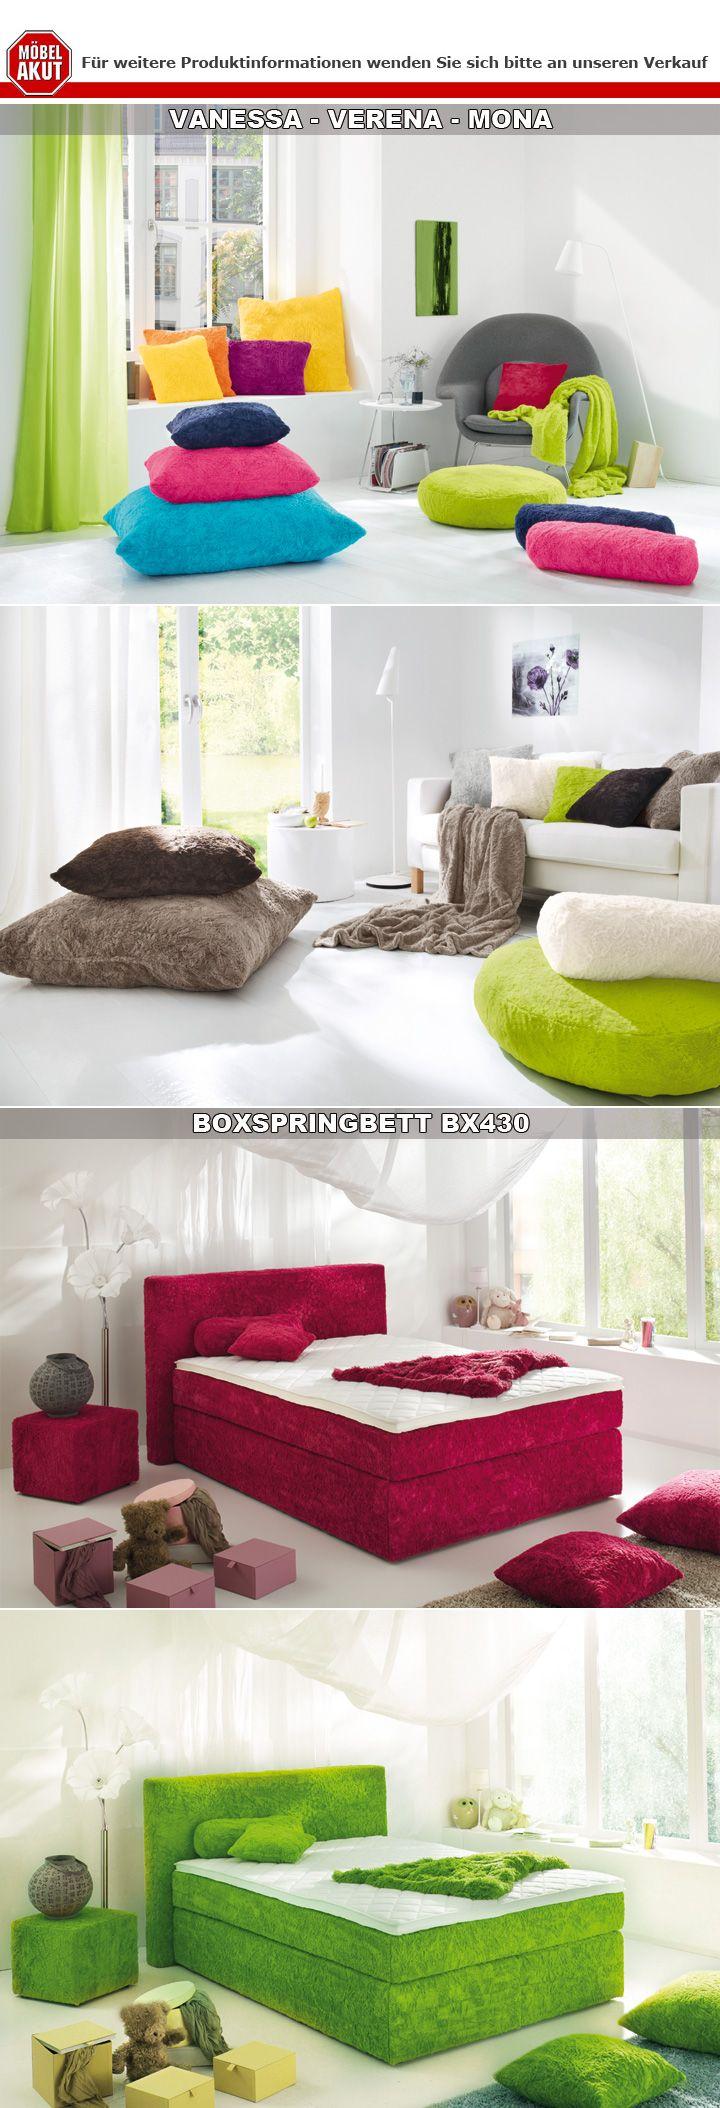 kissen vanessa nackenrolle nackenkissen zottelkissen farbauswahl 60x20 cm ebay. Black Bedroom Furniture Sets. Home Design Ideas